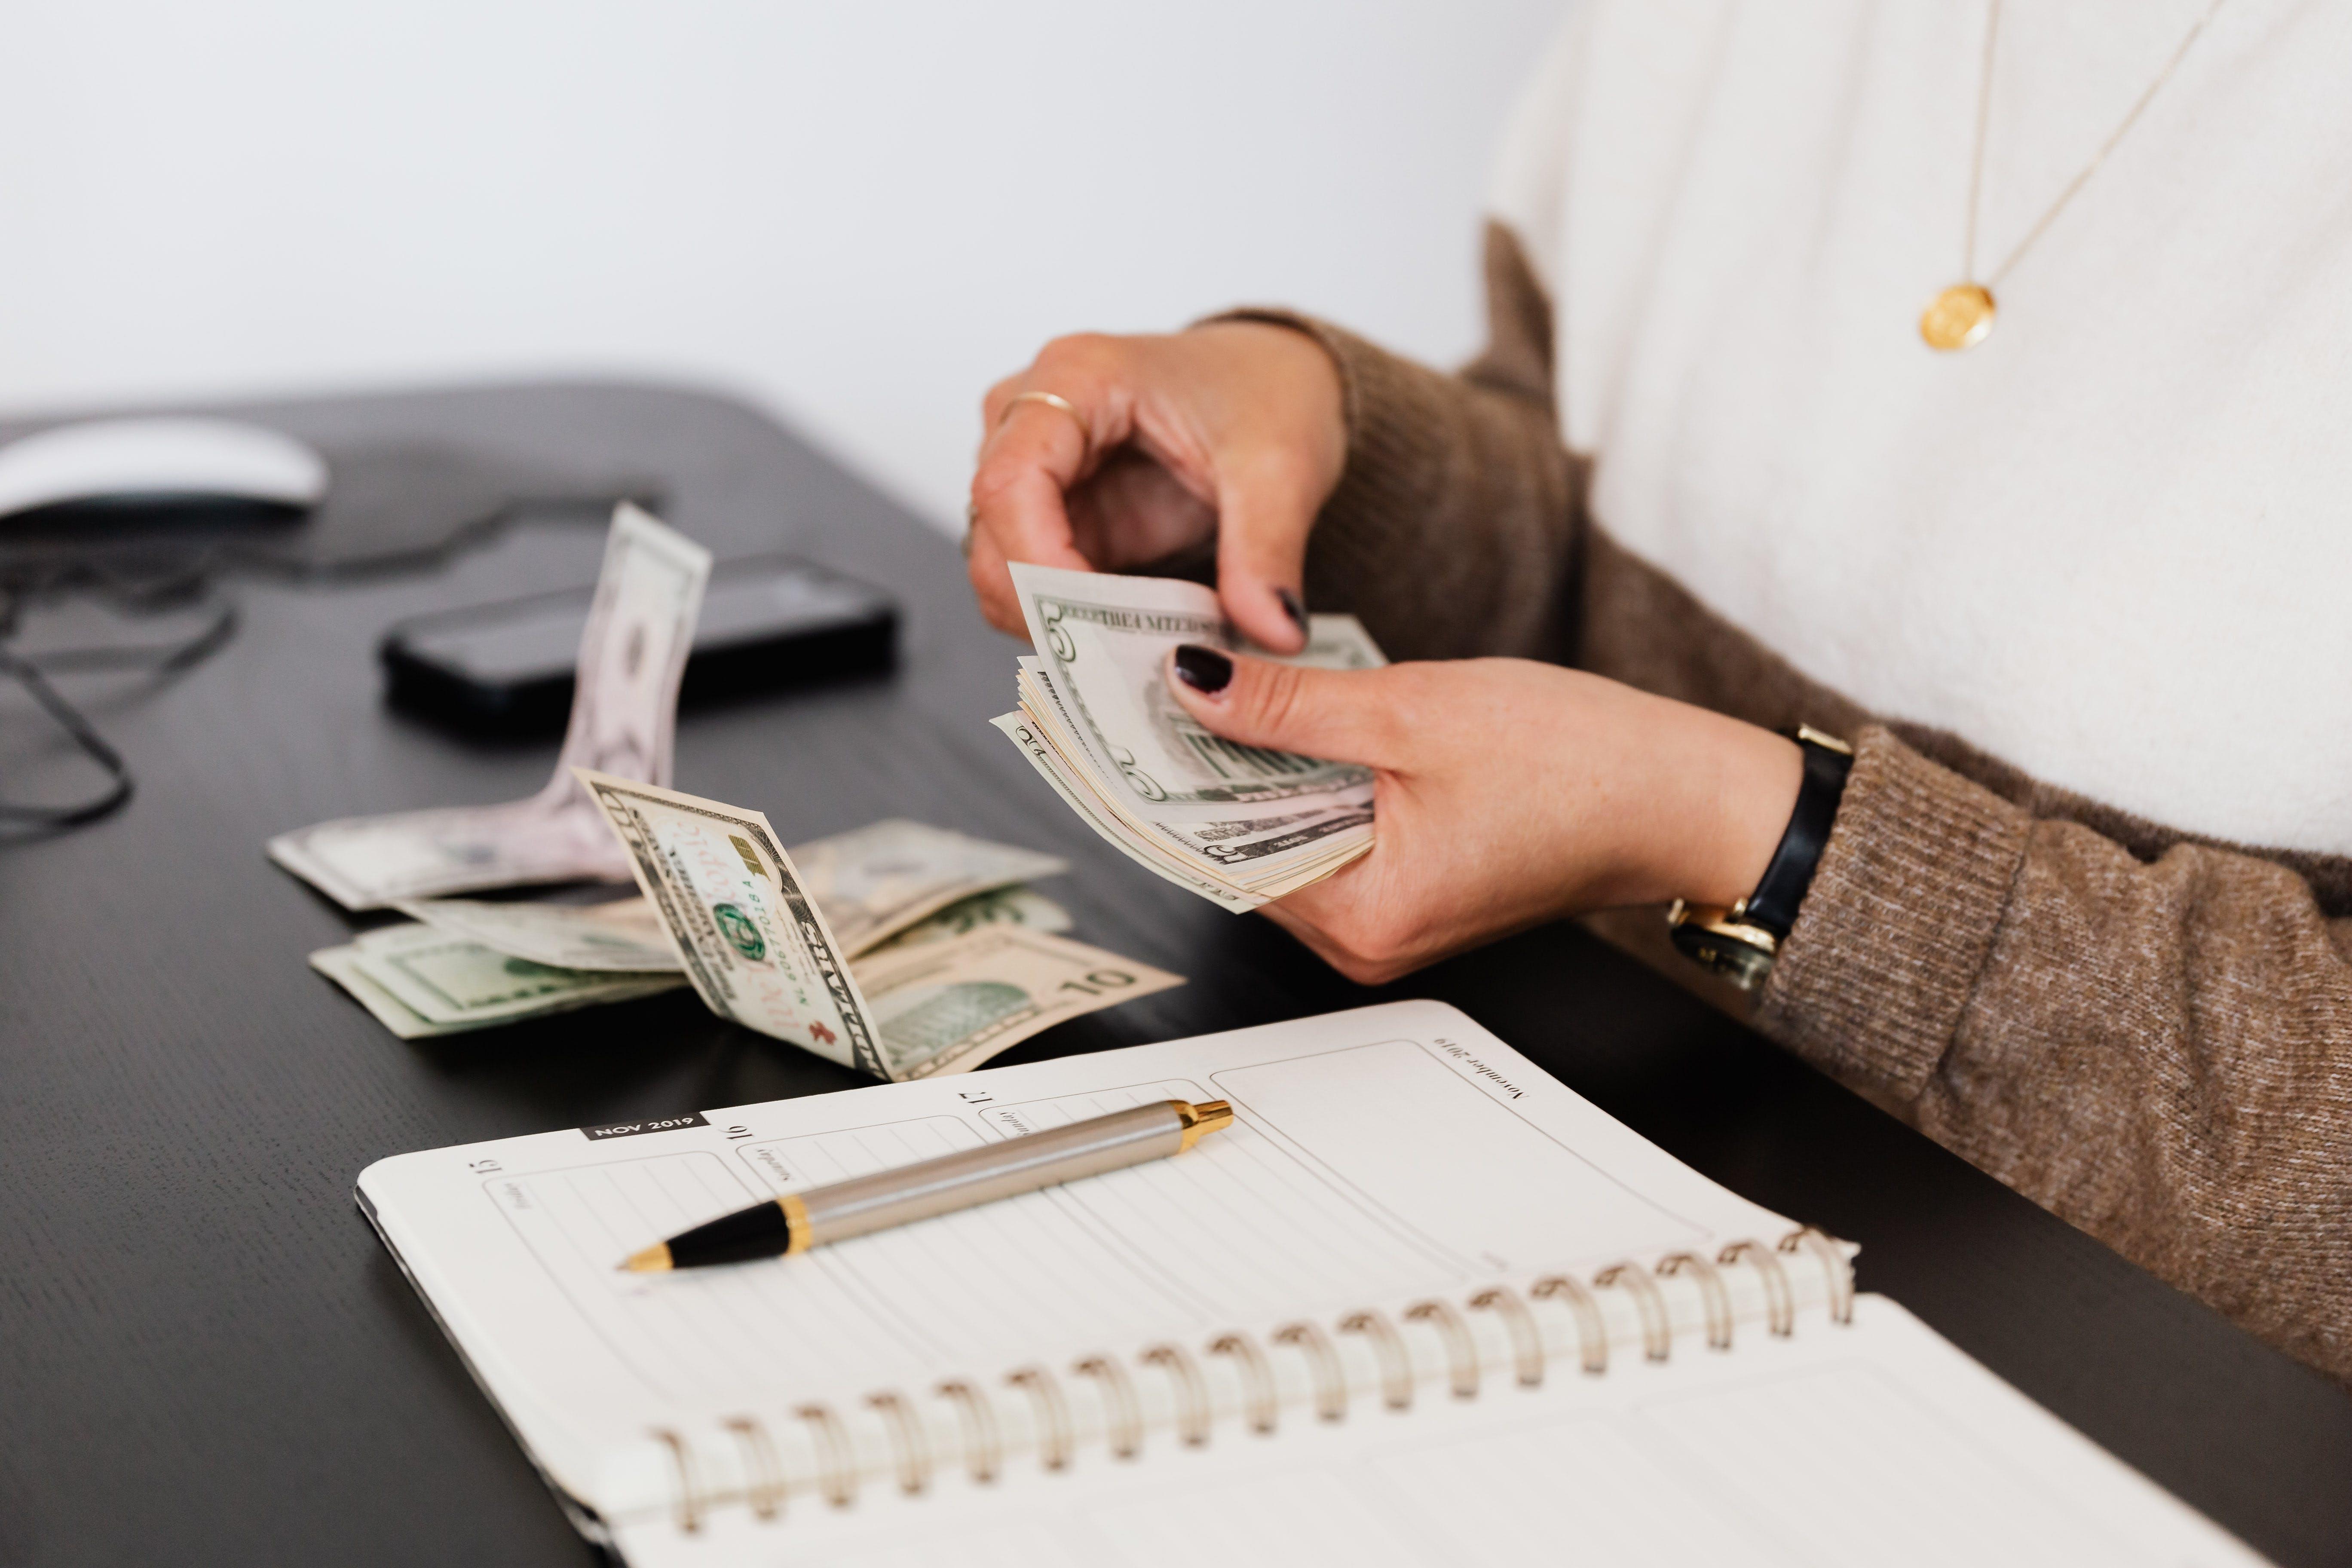 Gewas salarisbediende telt geld terwijl hij aan tafel zit